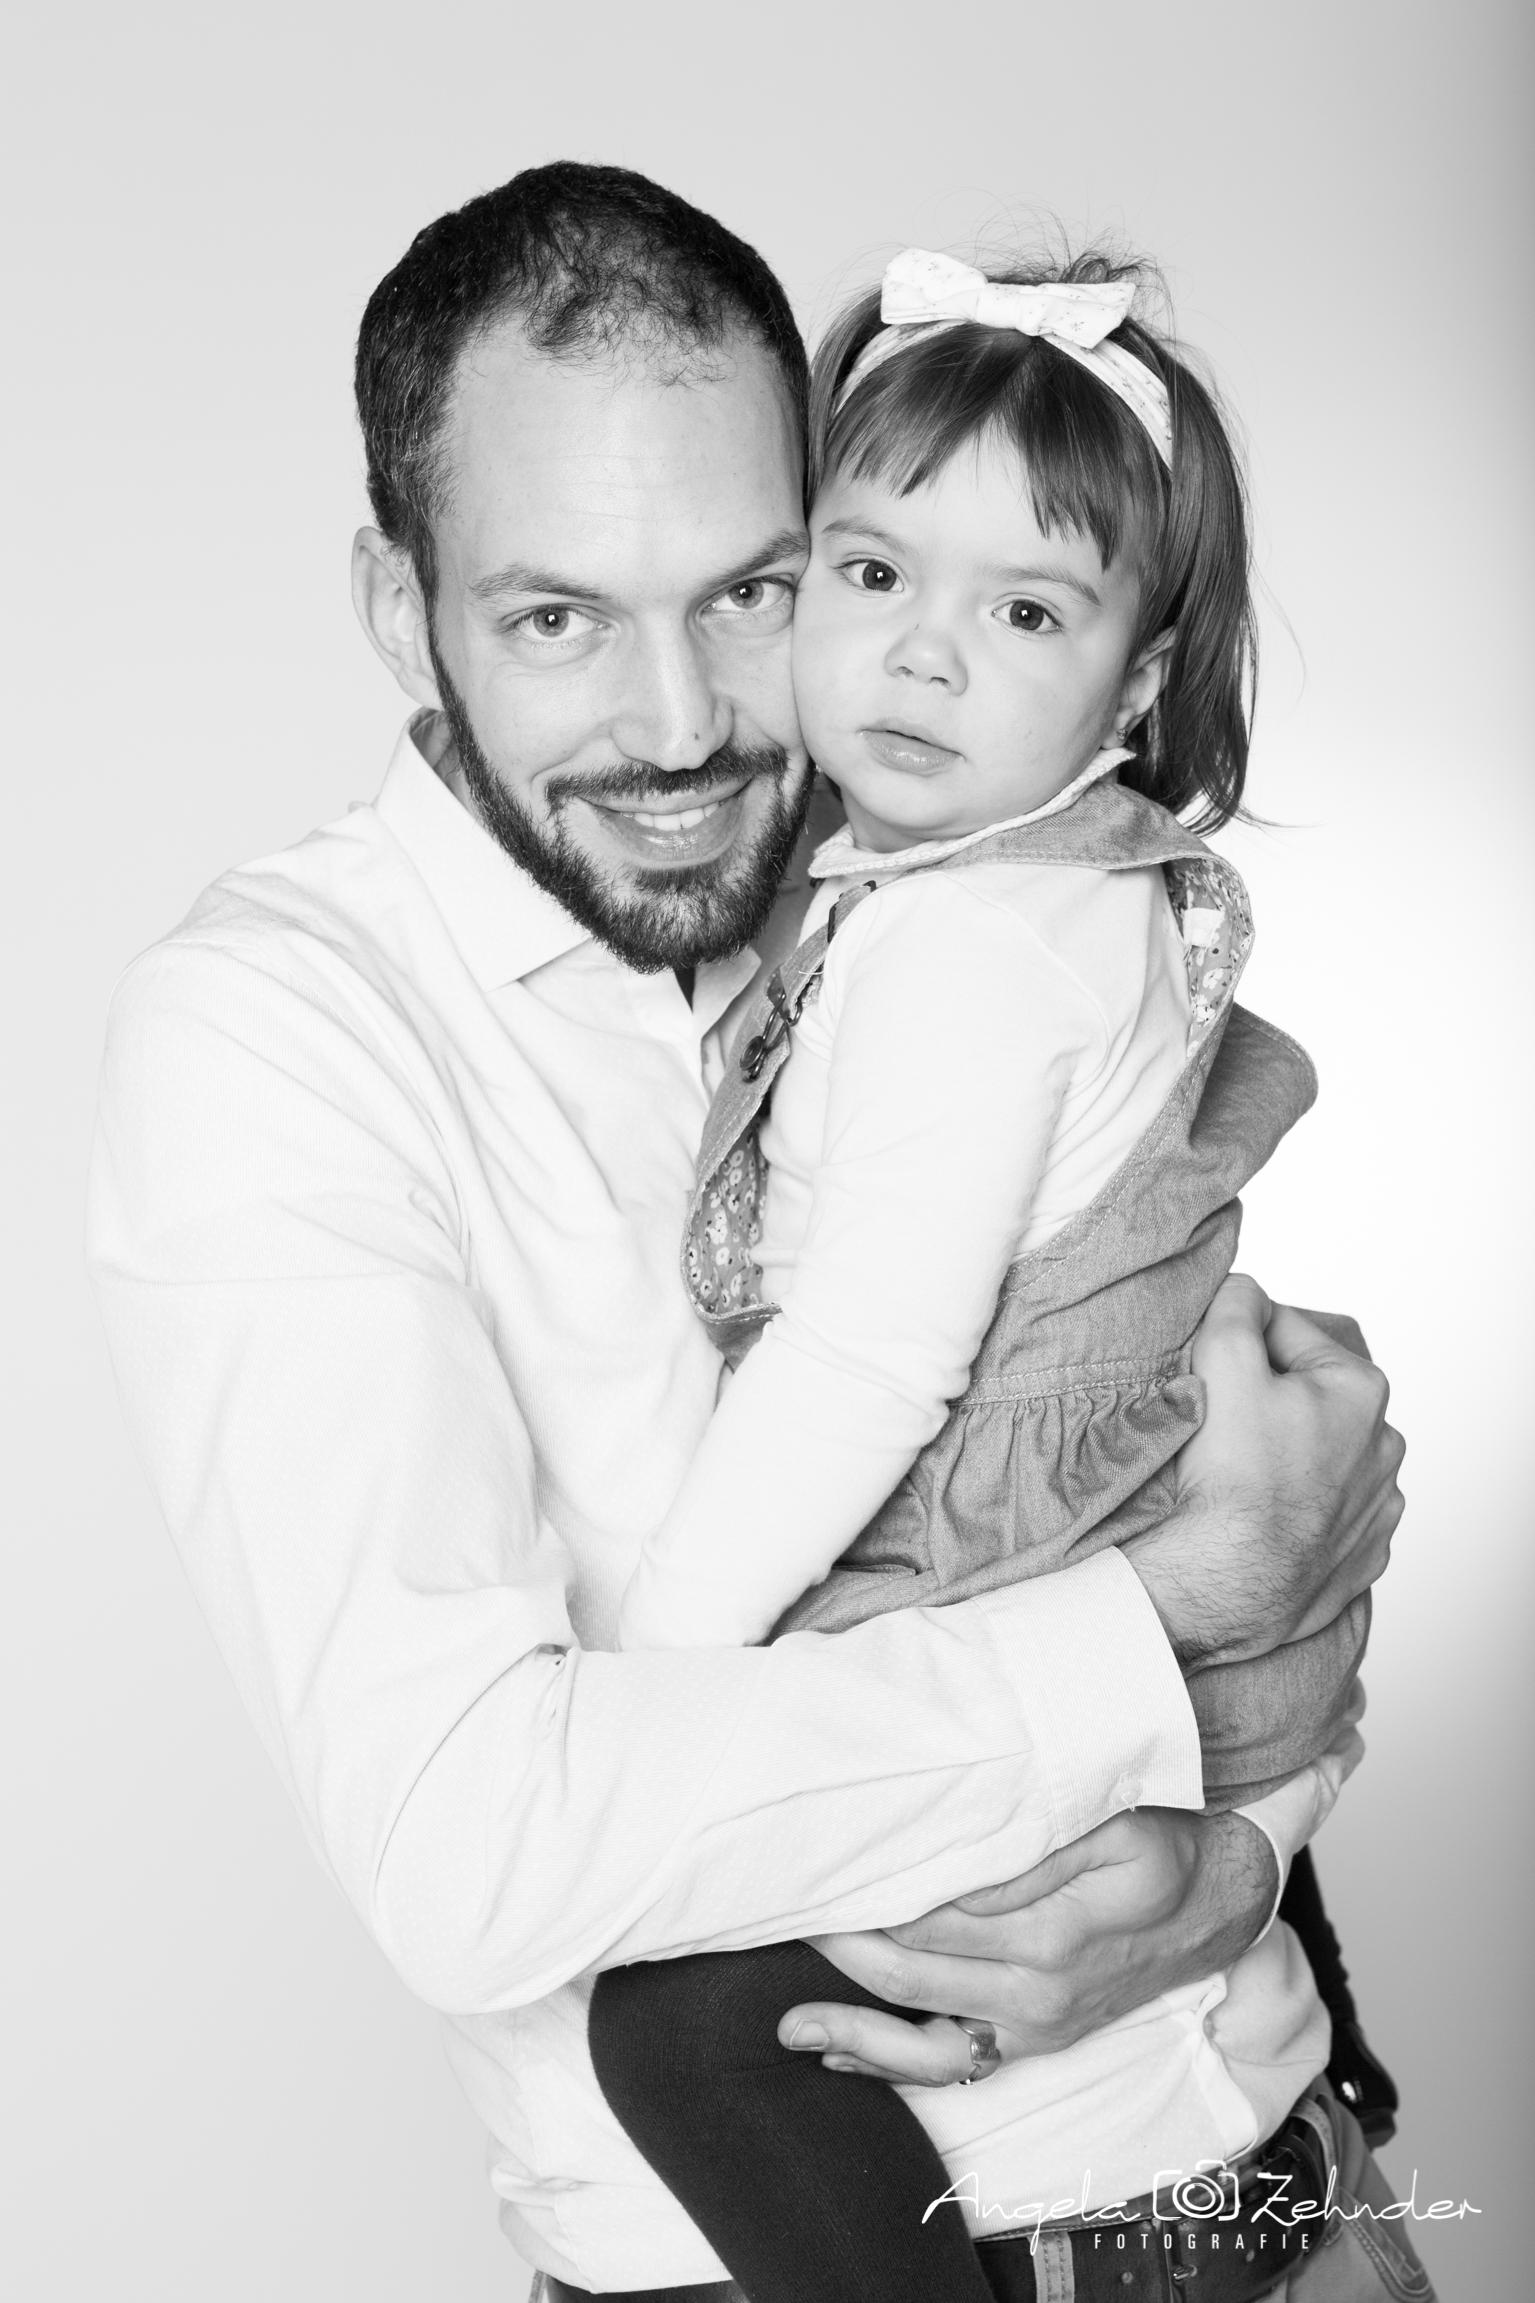 angel-zehnder-fotografie-family-37